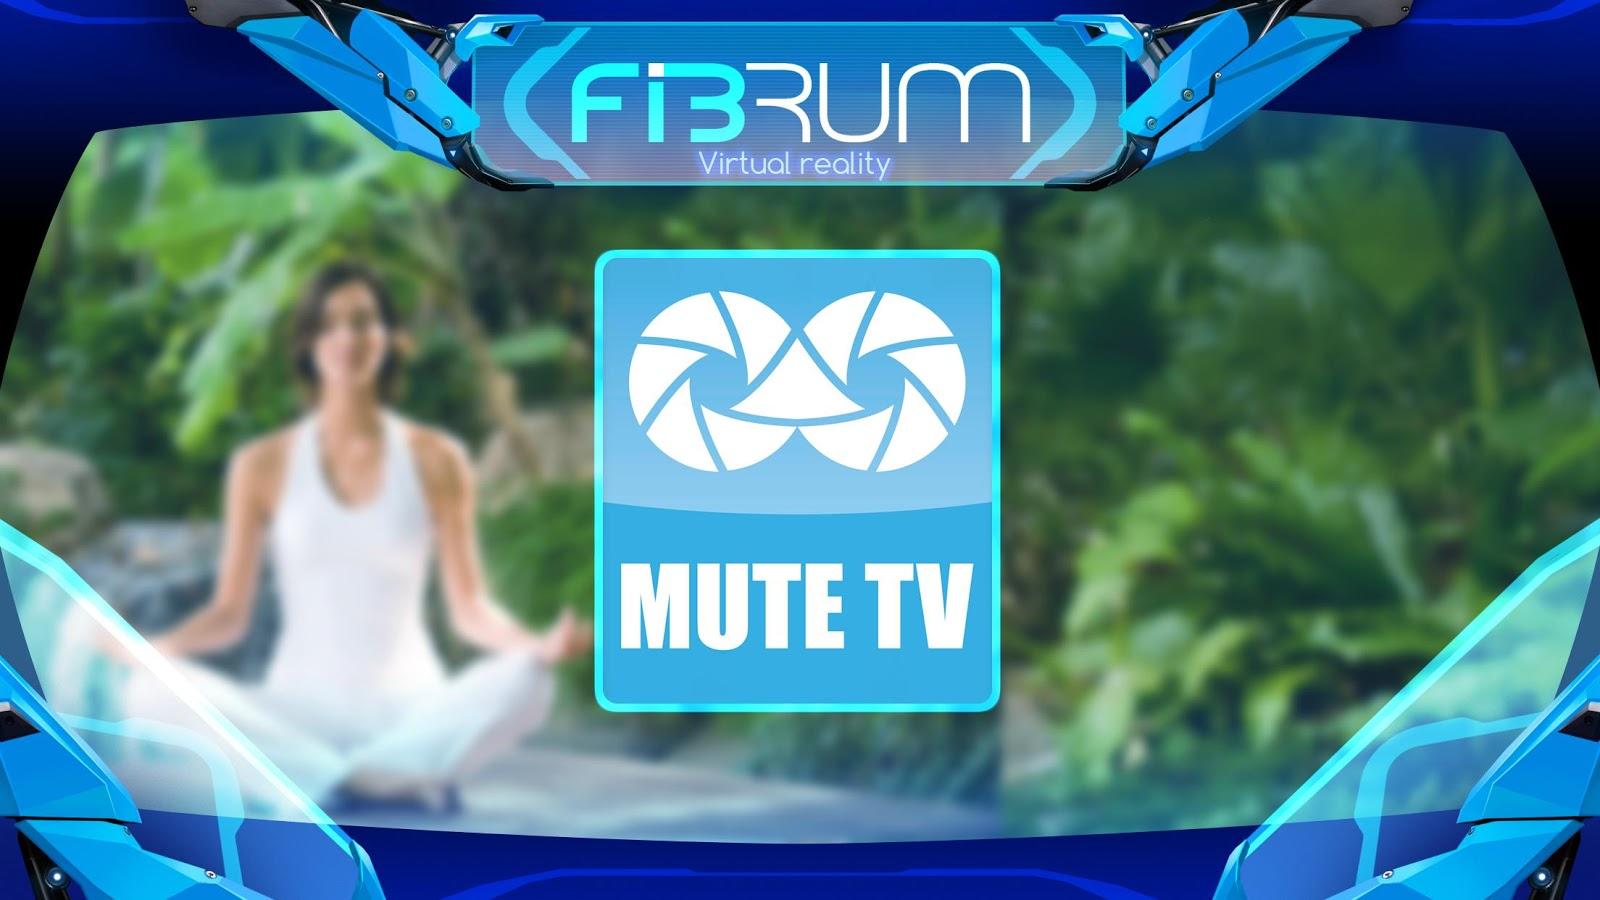 Mute TV VR